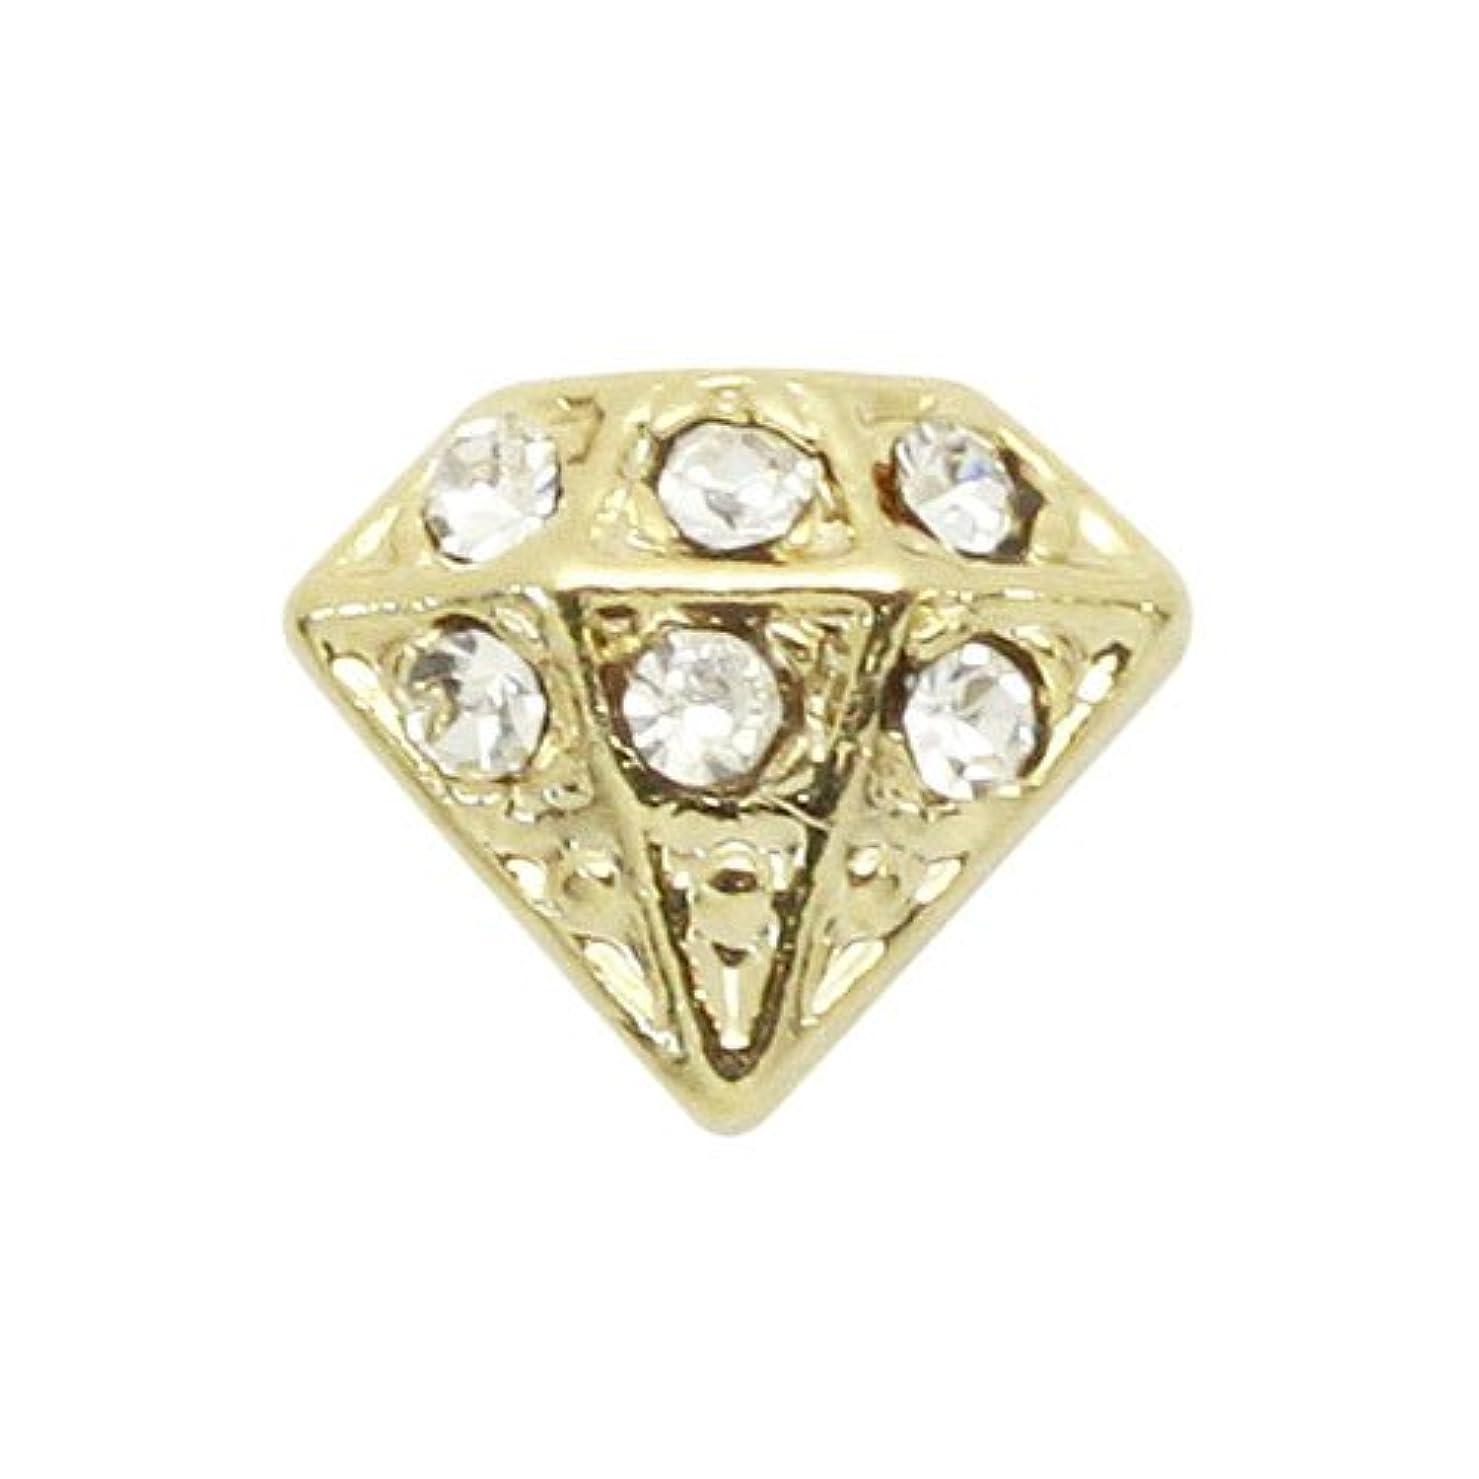 助手同意する残基エムプティ ネイルパーツ ダイアモンド A191 1個